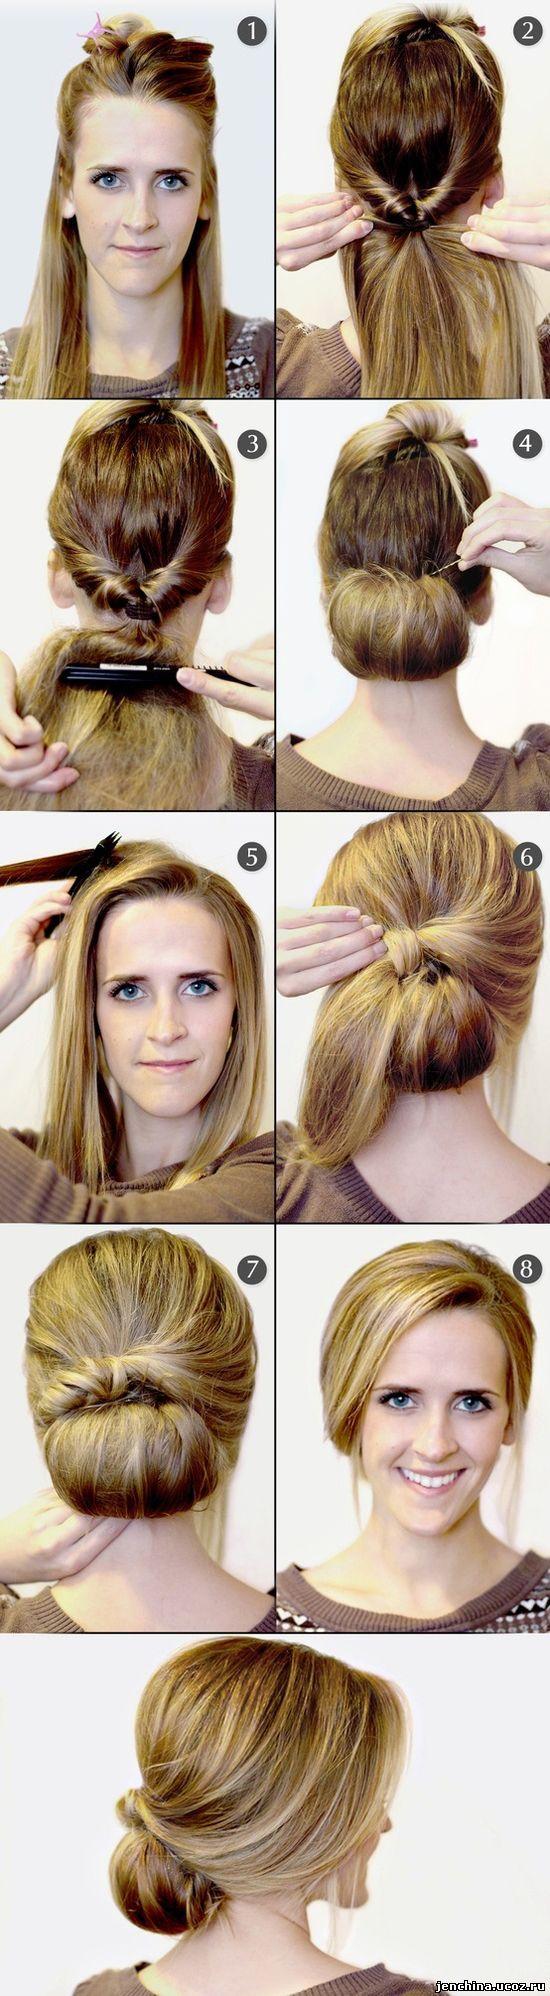 Картинки как сделать причёску на средние волосы